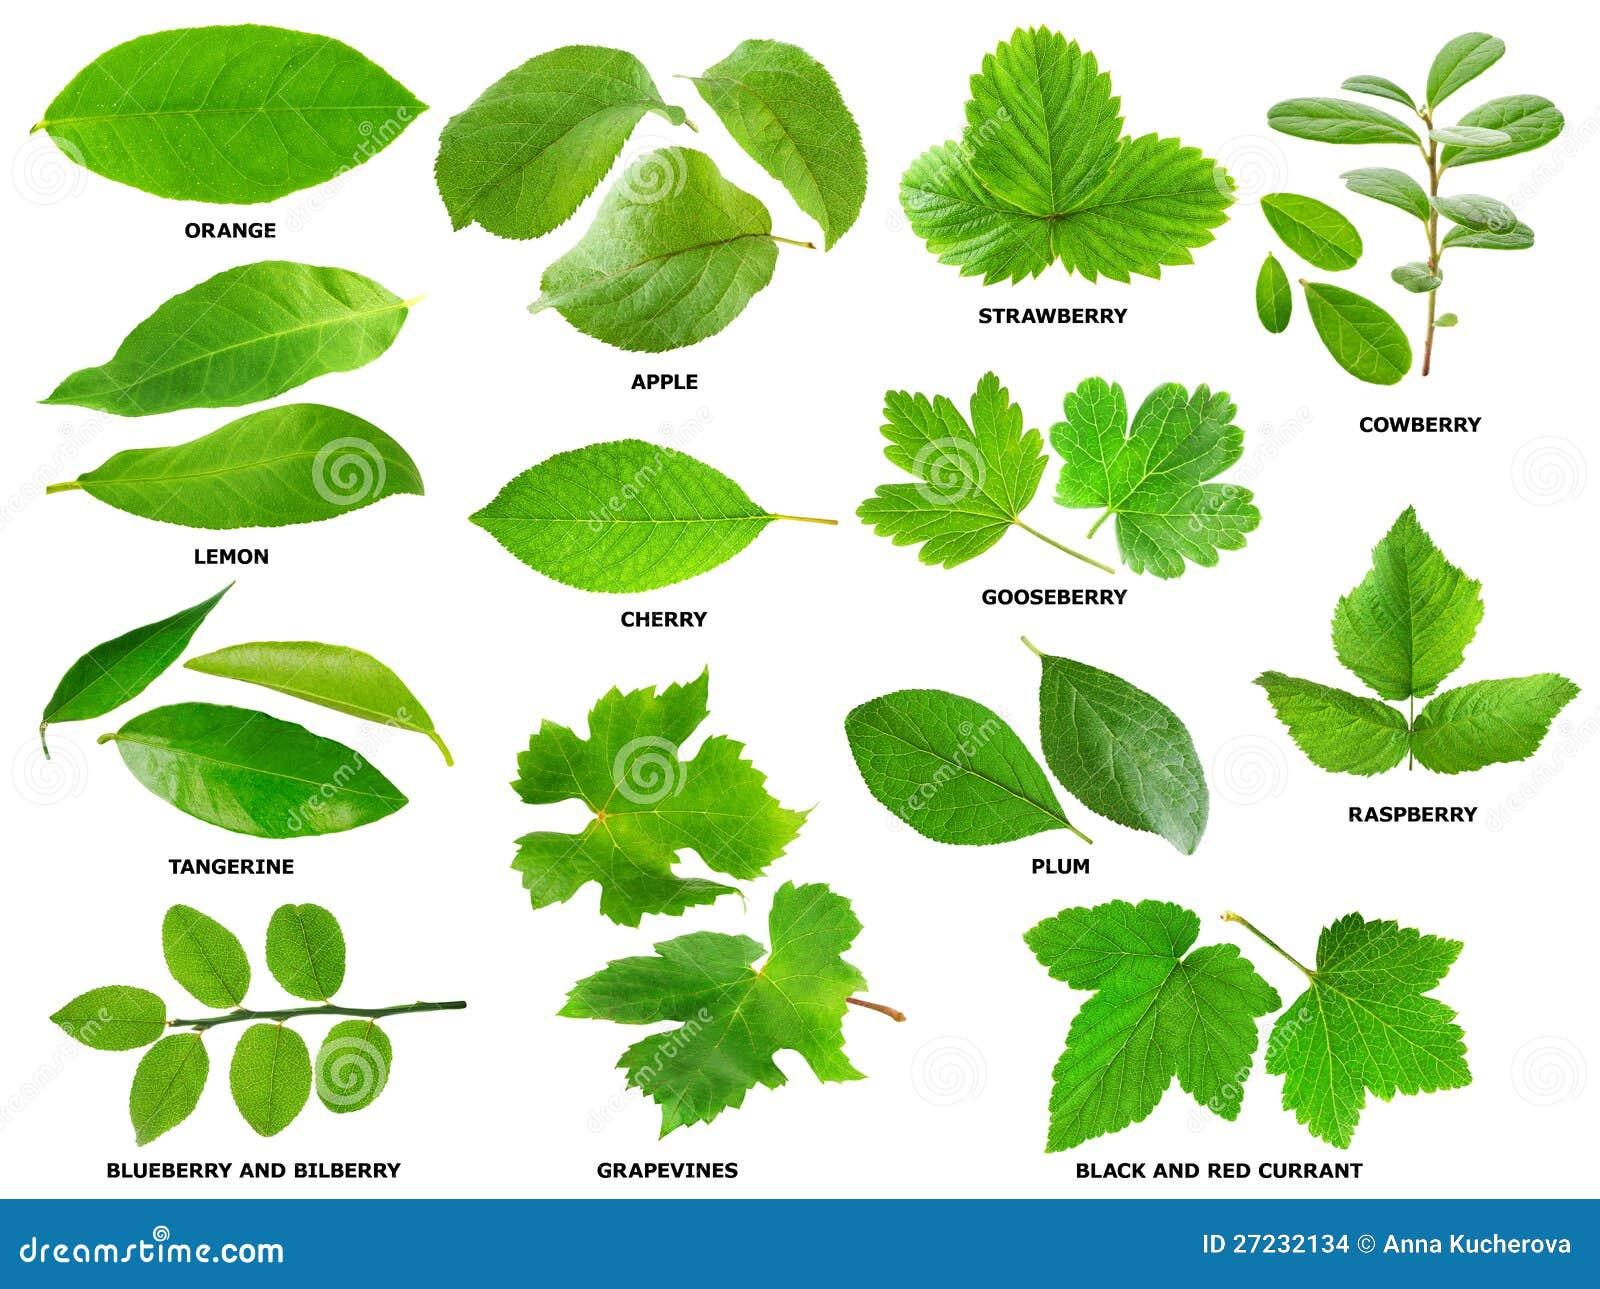 как узнать дерево по листьям фото